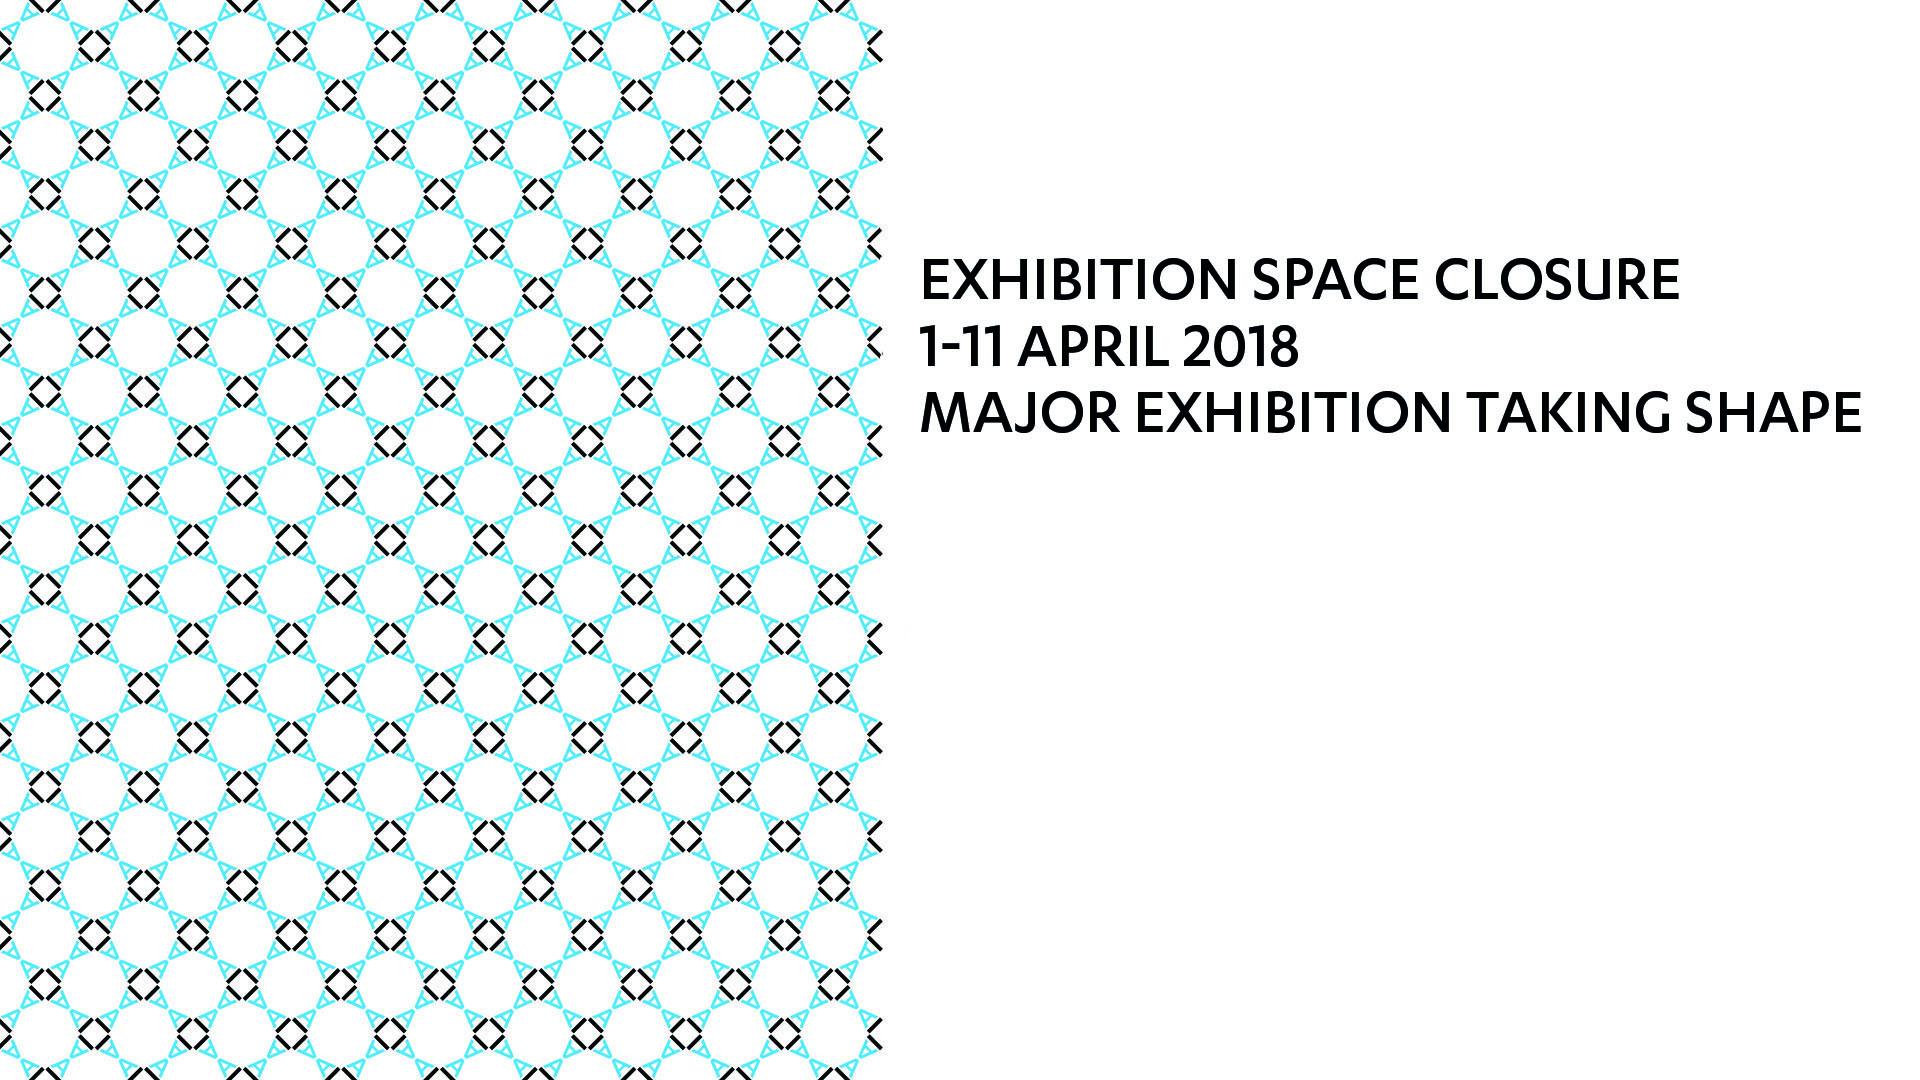 exhibitionclosureTWP_main1